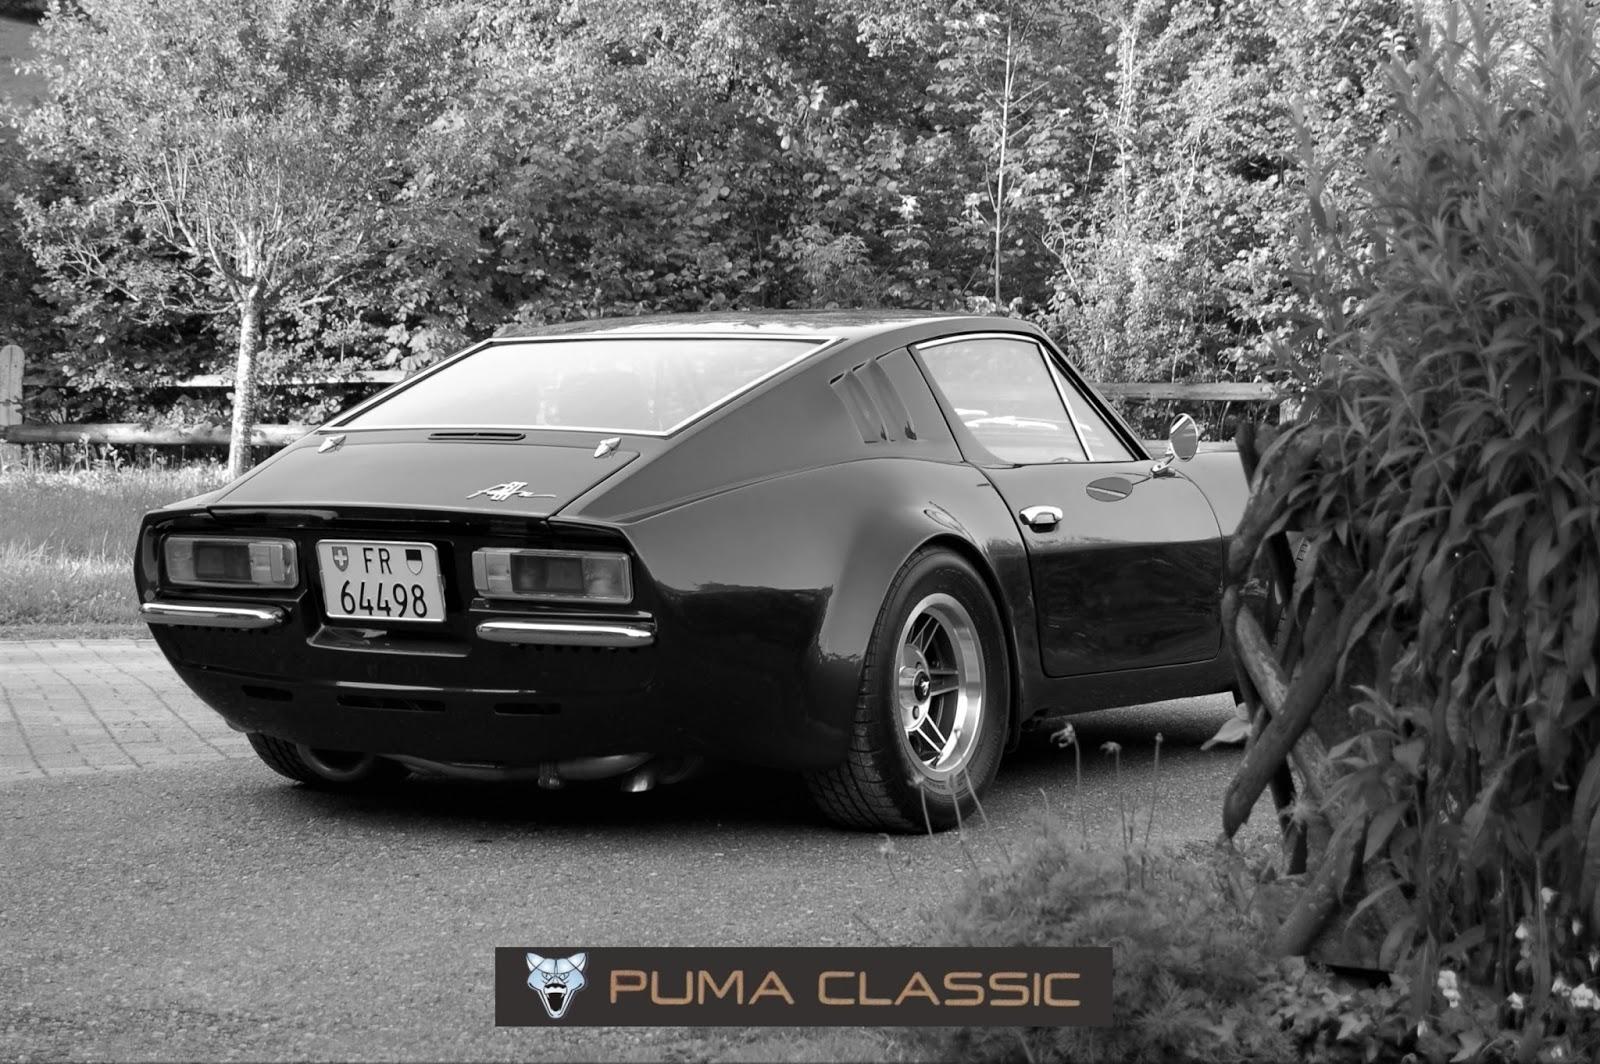 6d46424d633 Puma Classic  Puma pelo mundo - GTE 1972